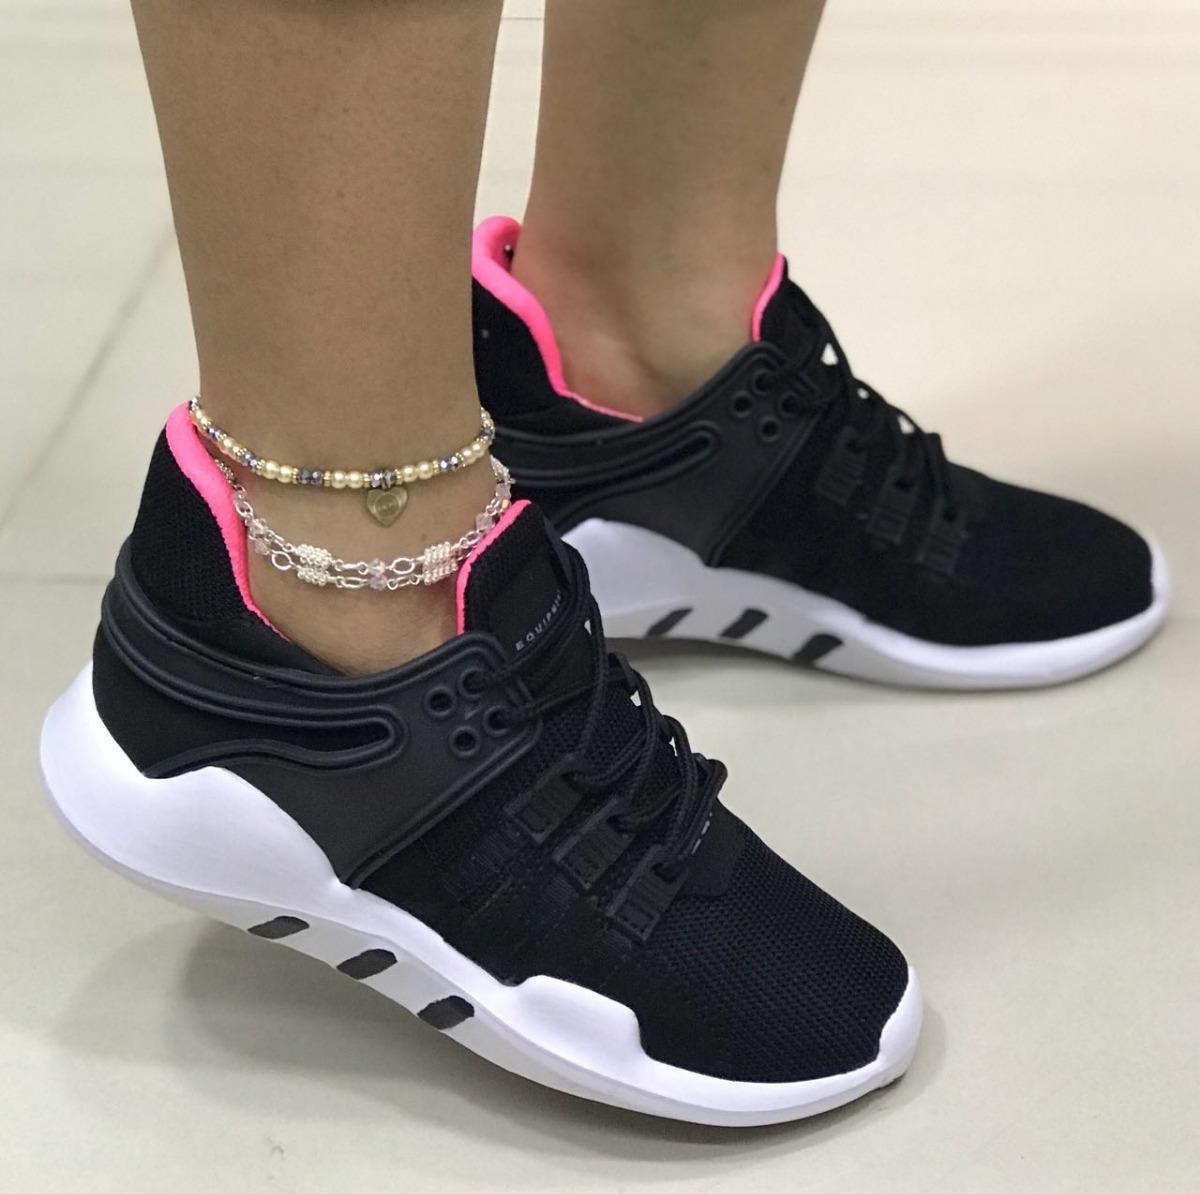 672540c9 zapatos deportivos negros para mujer tenis moda para mujer ...